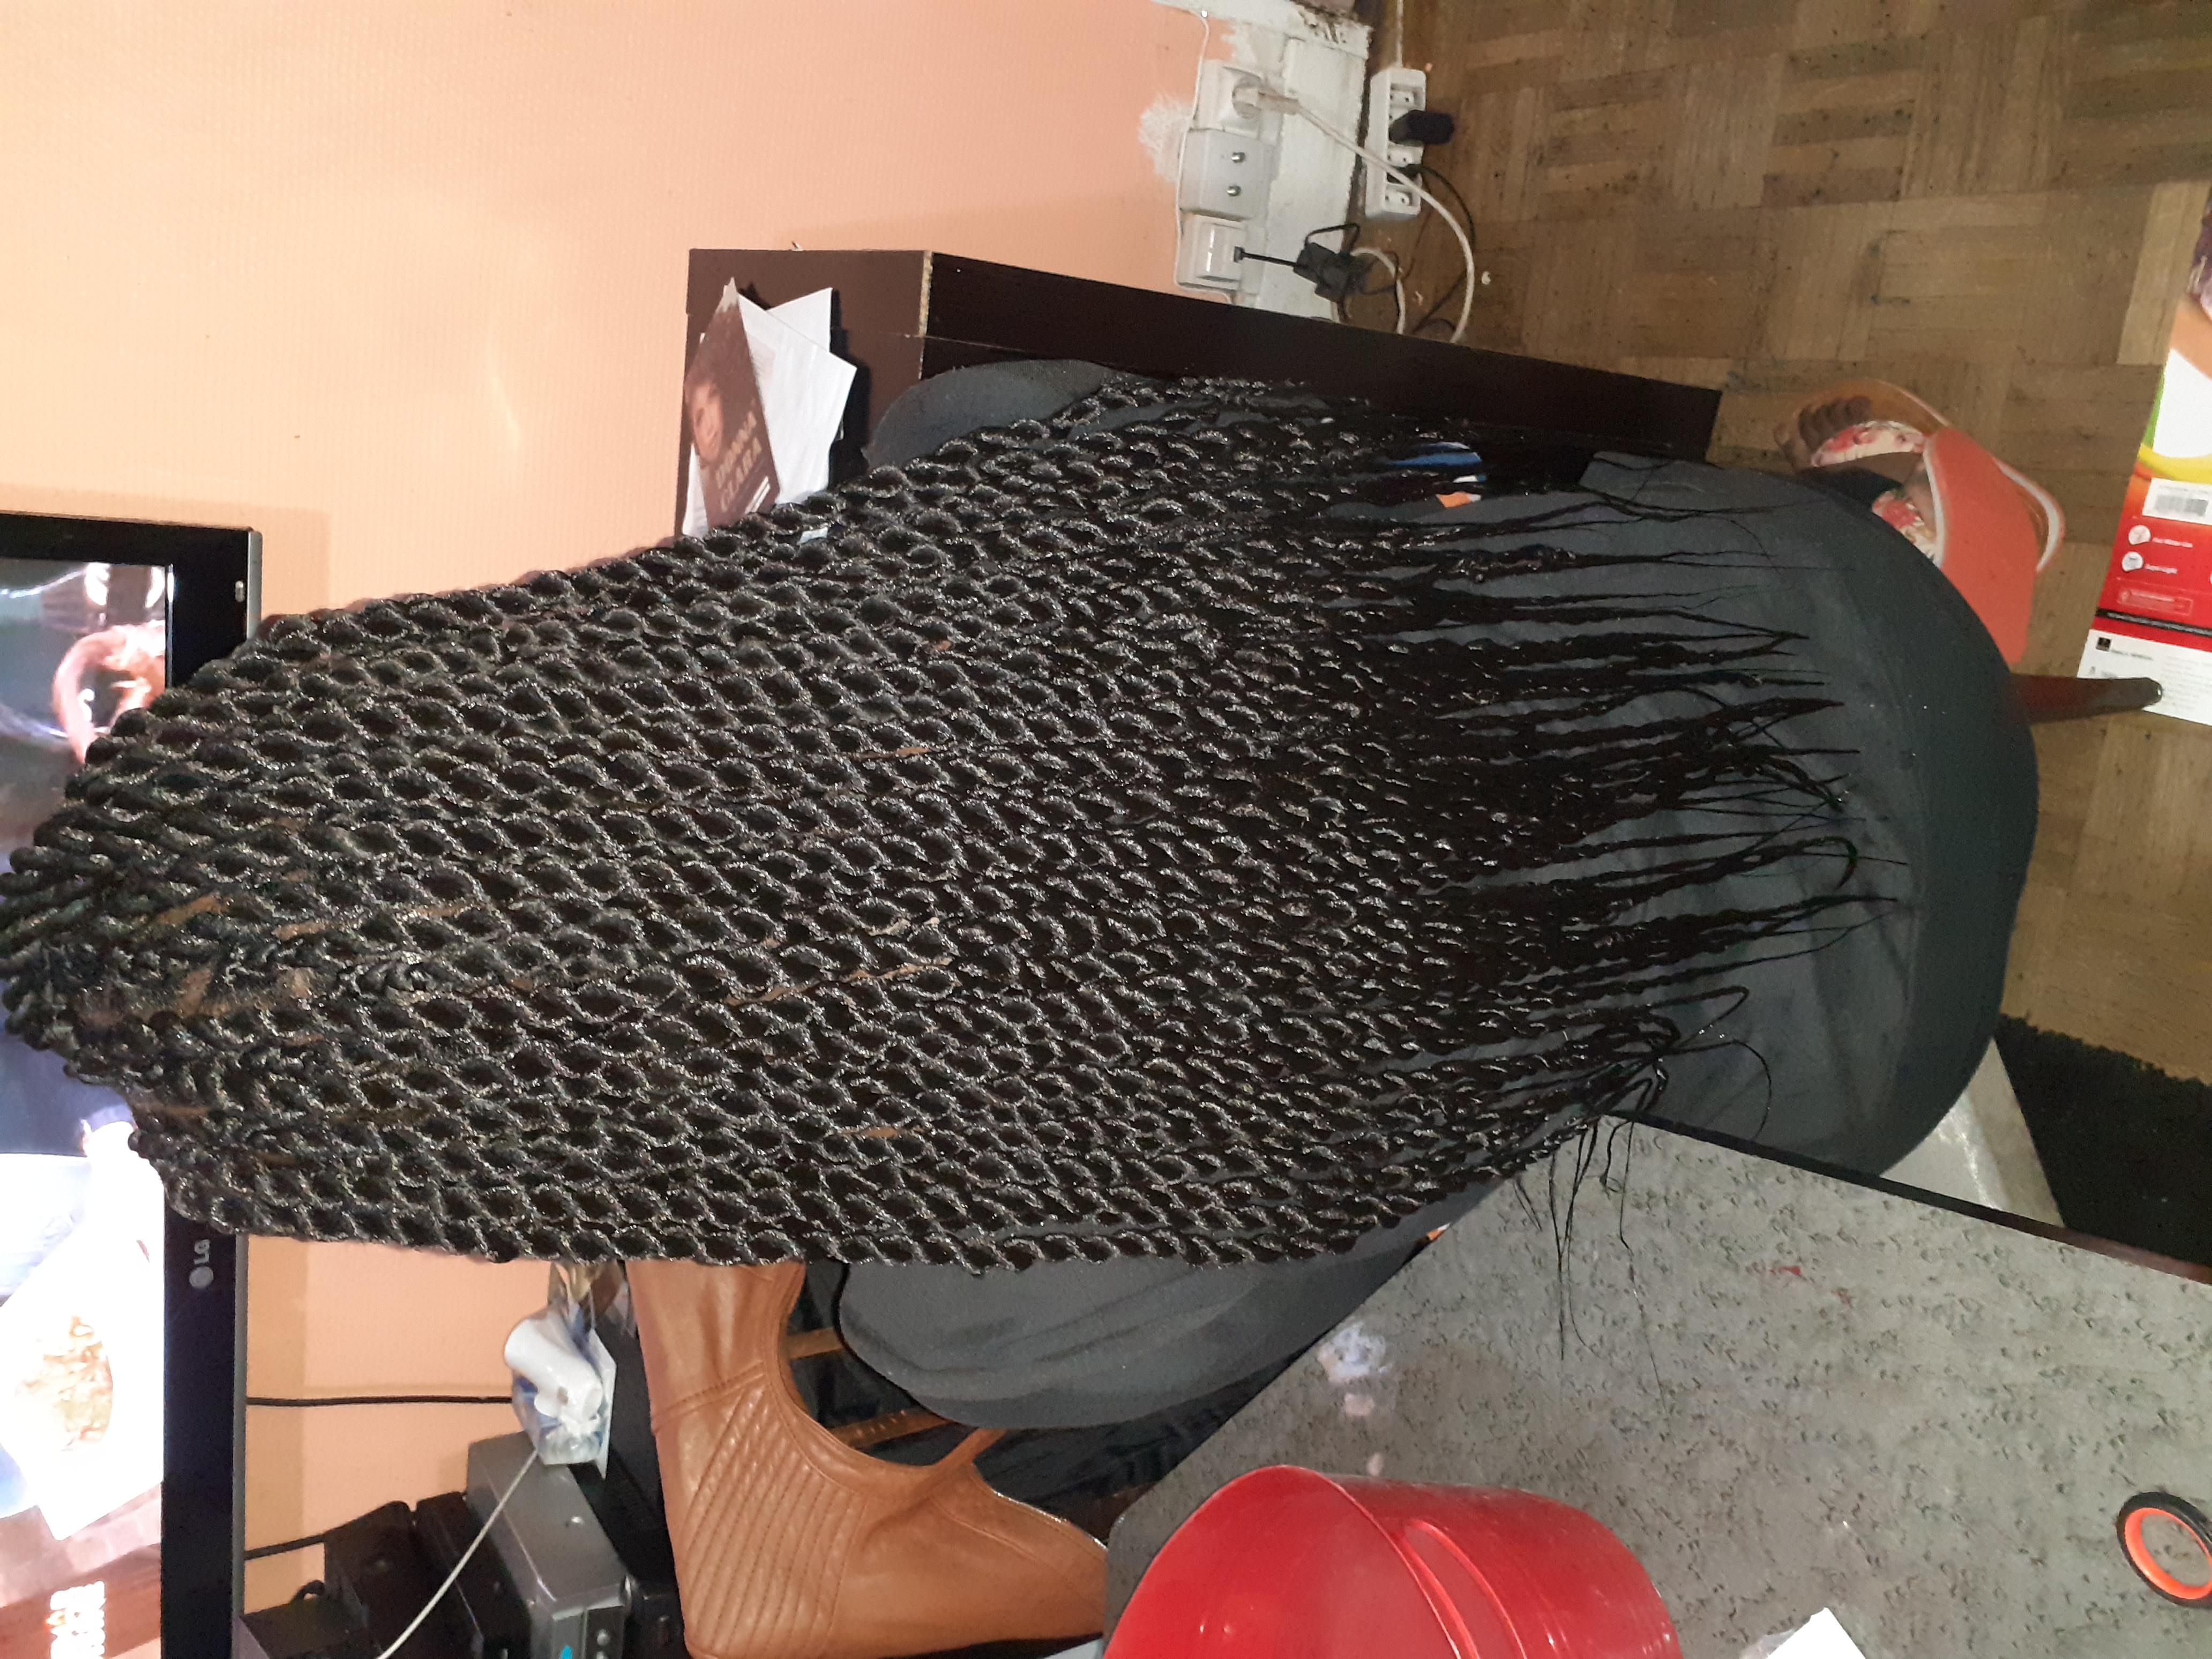 salon de coiffure afro tresse tresses box braids crochet braids vanilles tissages paris 75 77 78 91 92 93 94 95 QDUNESLP